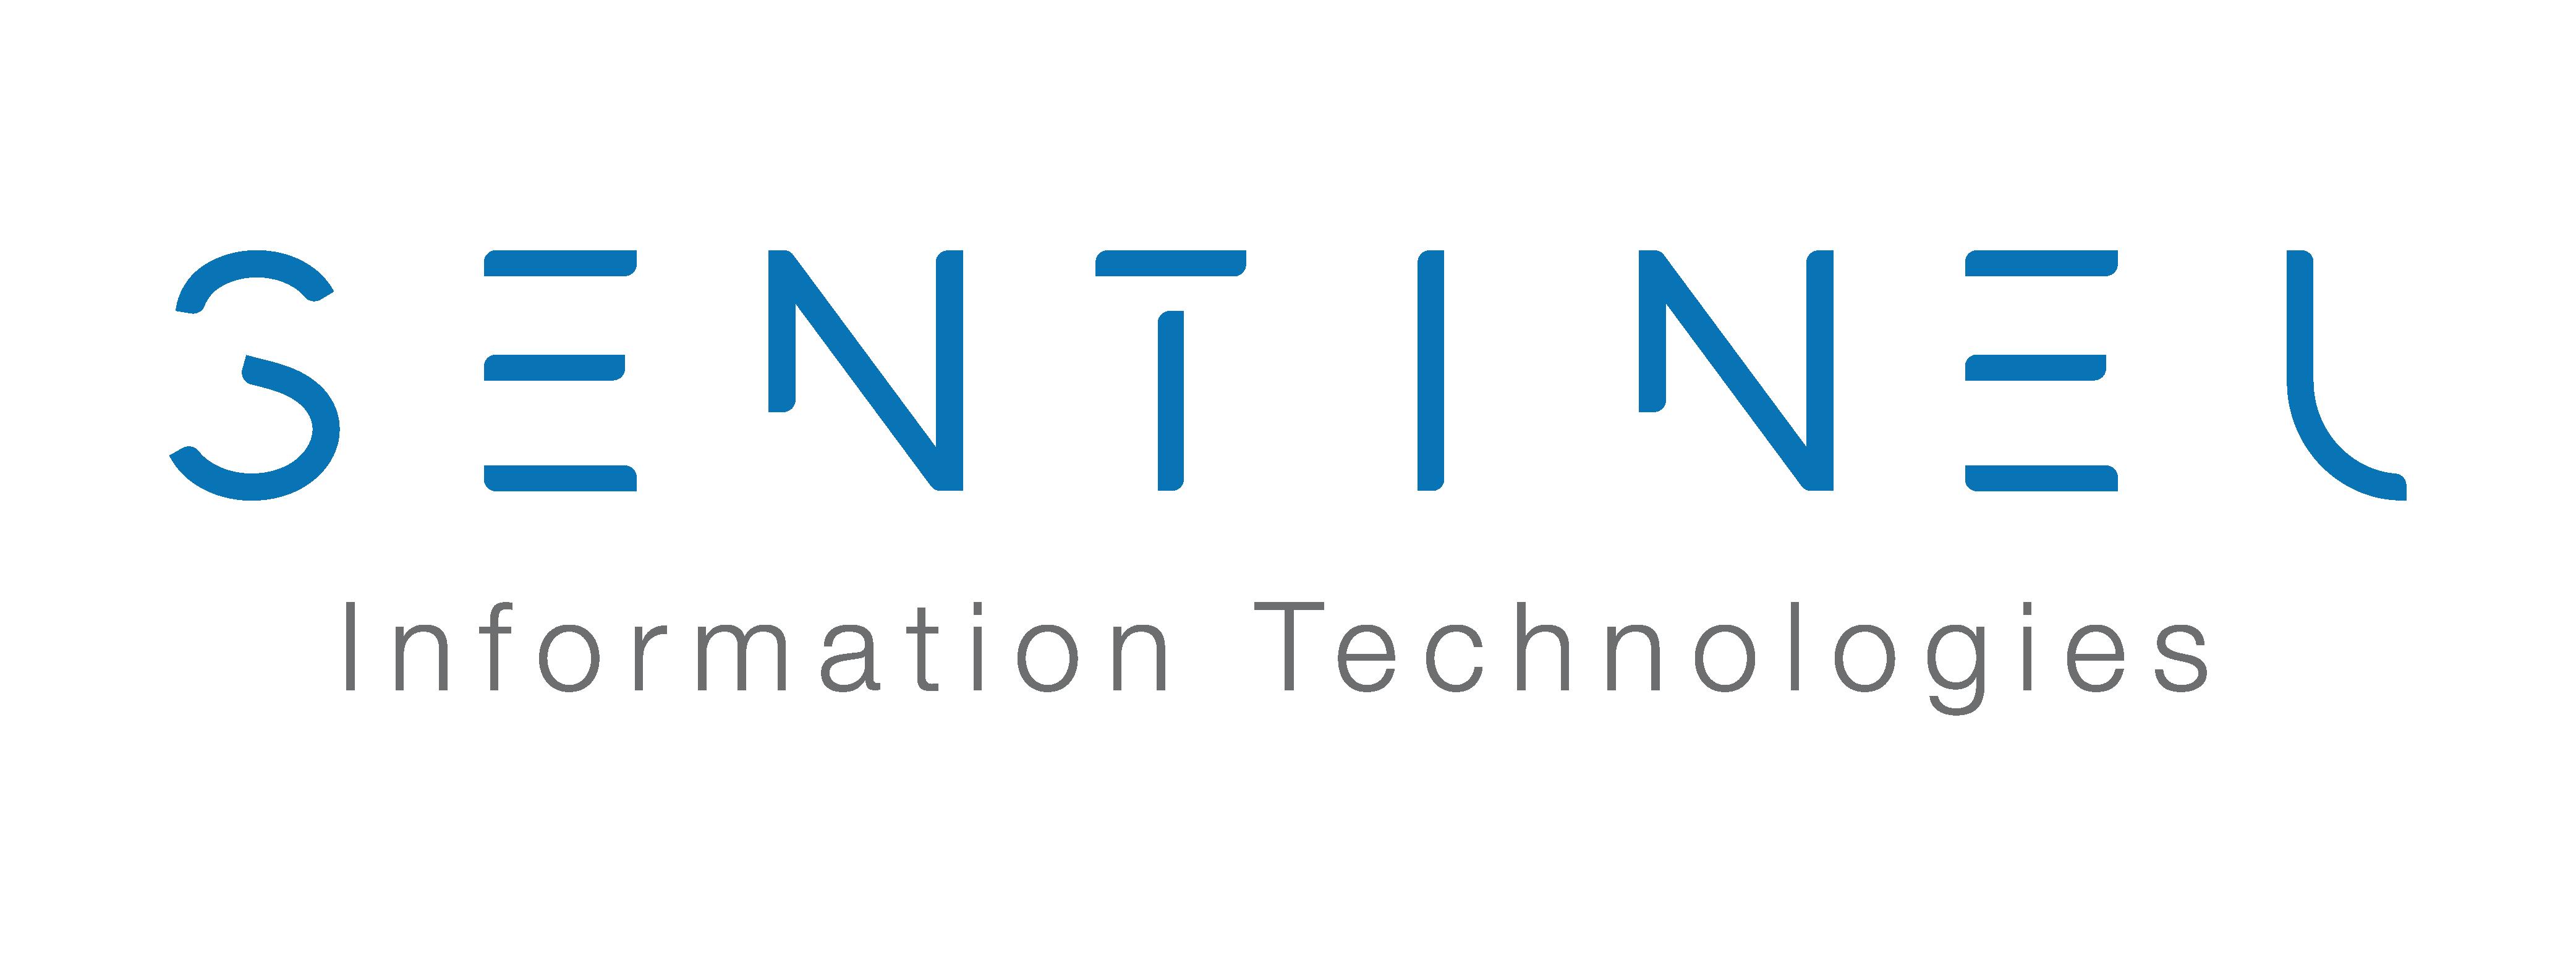 Sentinel IT